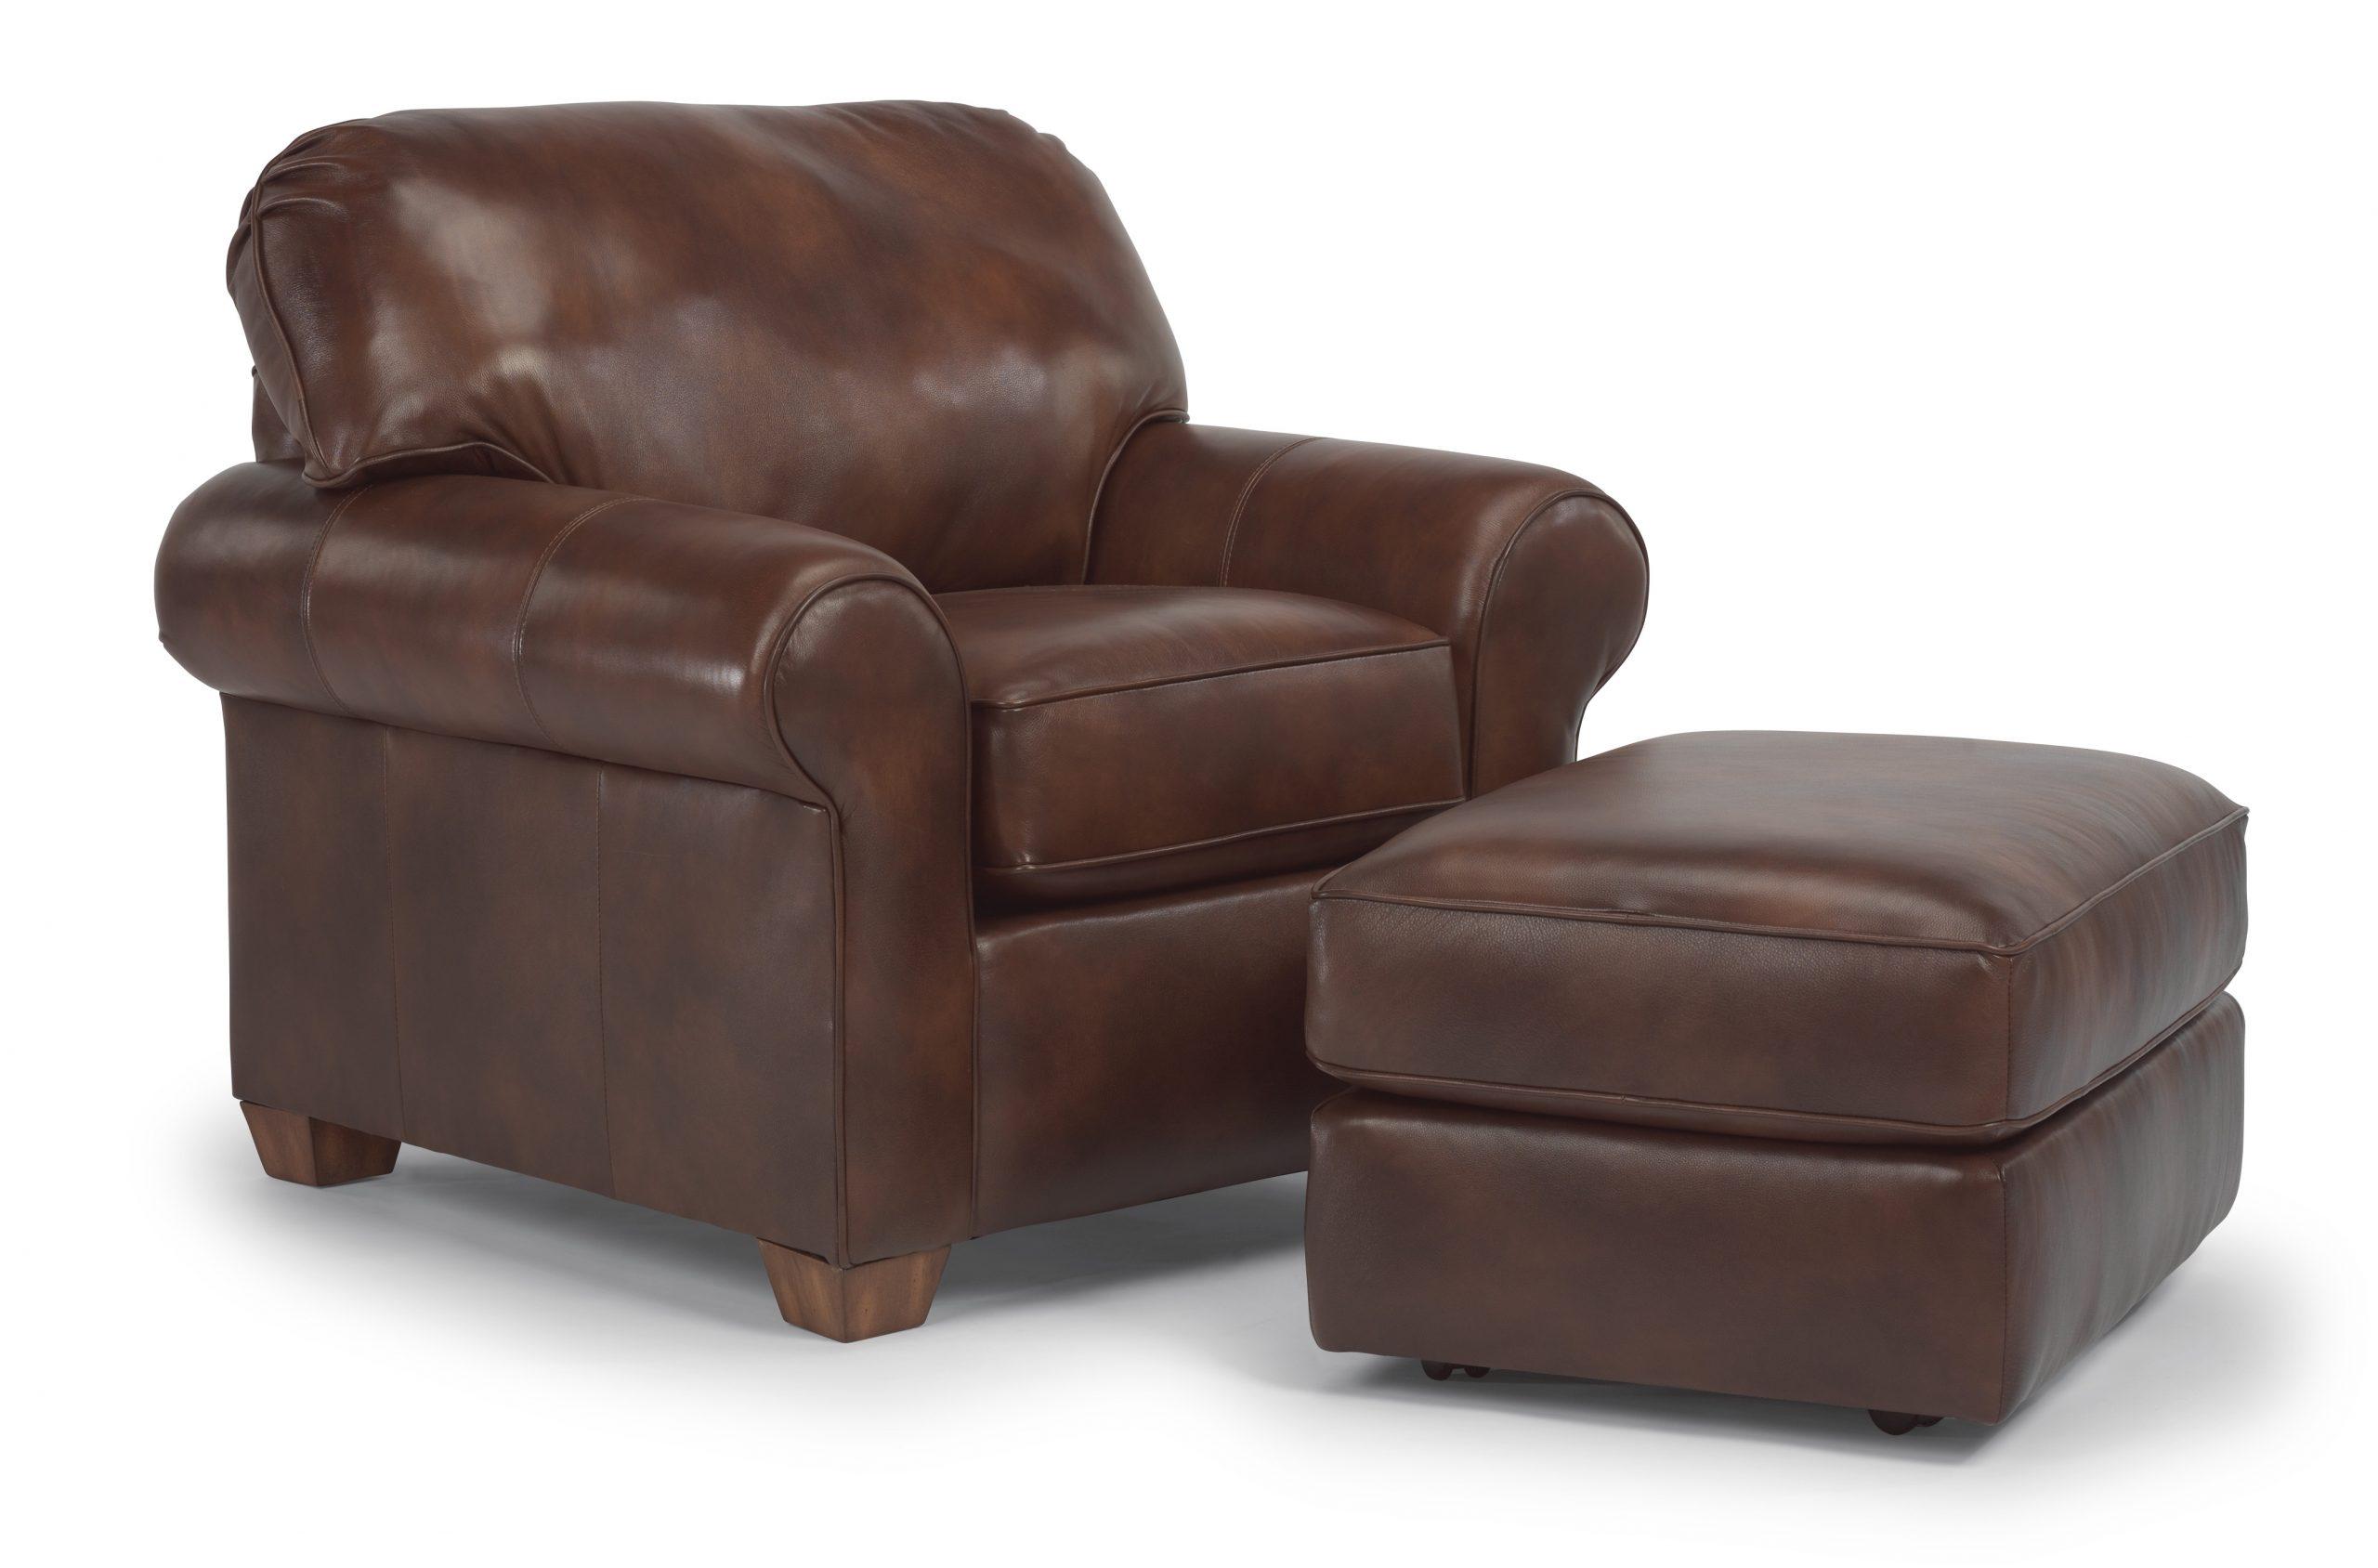 Flexsteel Thornton (Accent Chair) A